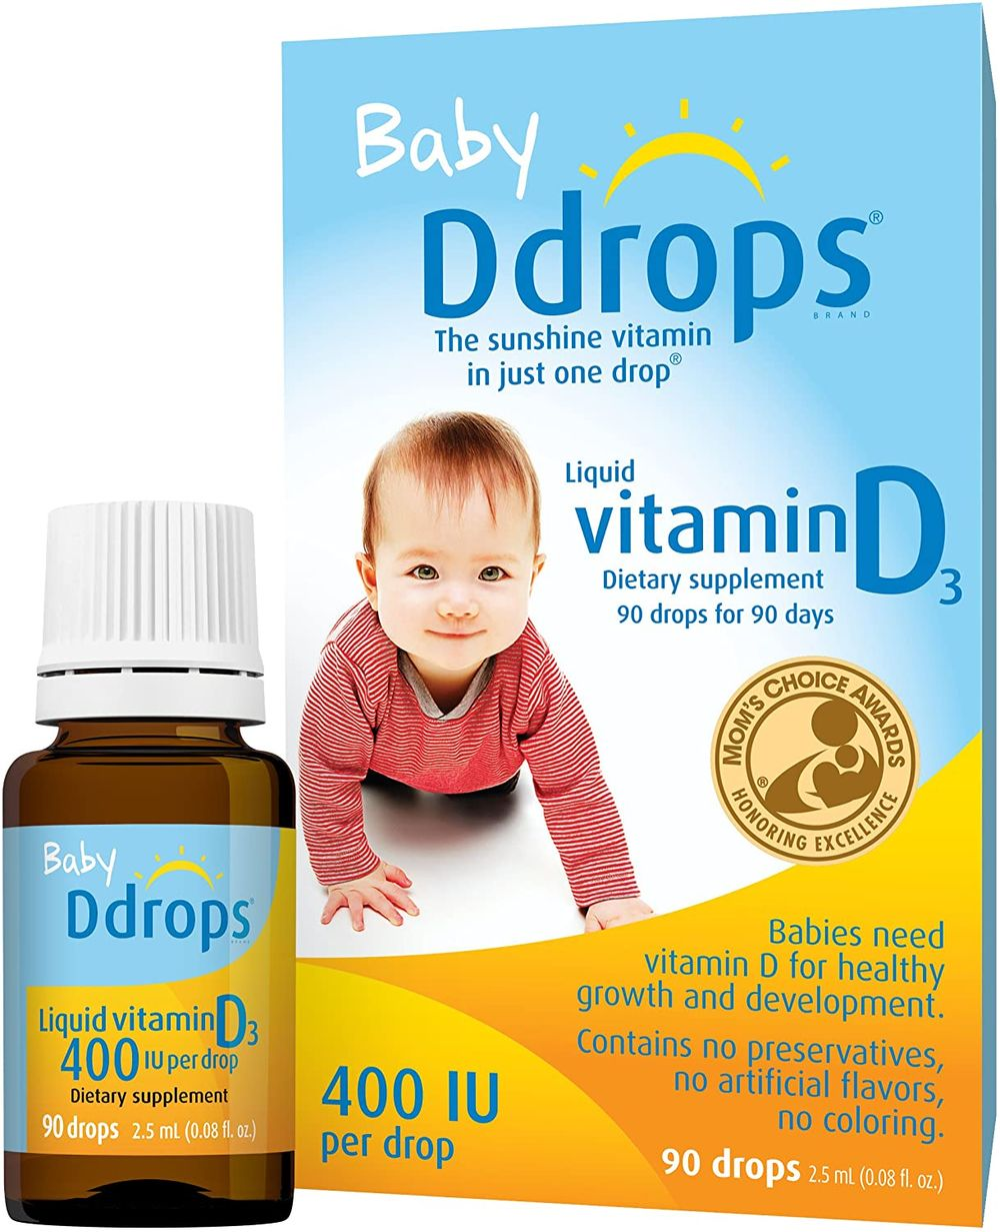 Baby Ddrops® 400 IU 90 Drops (0.08 Fl Oz) - Liquid Vitamin D3 Drops Supplement for Infants